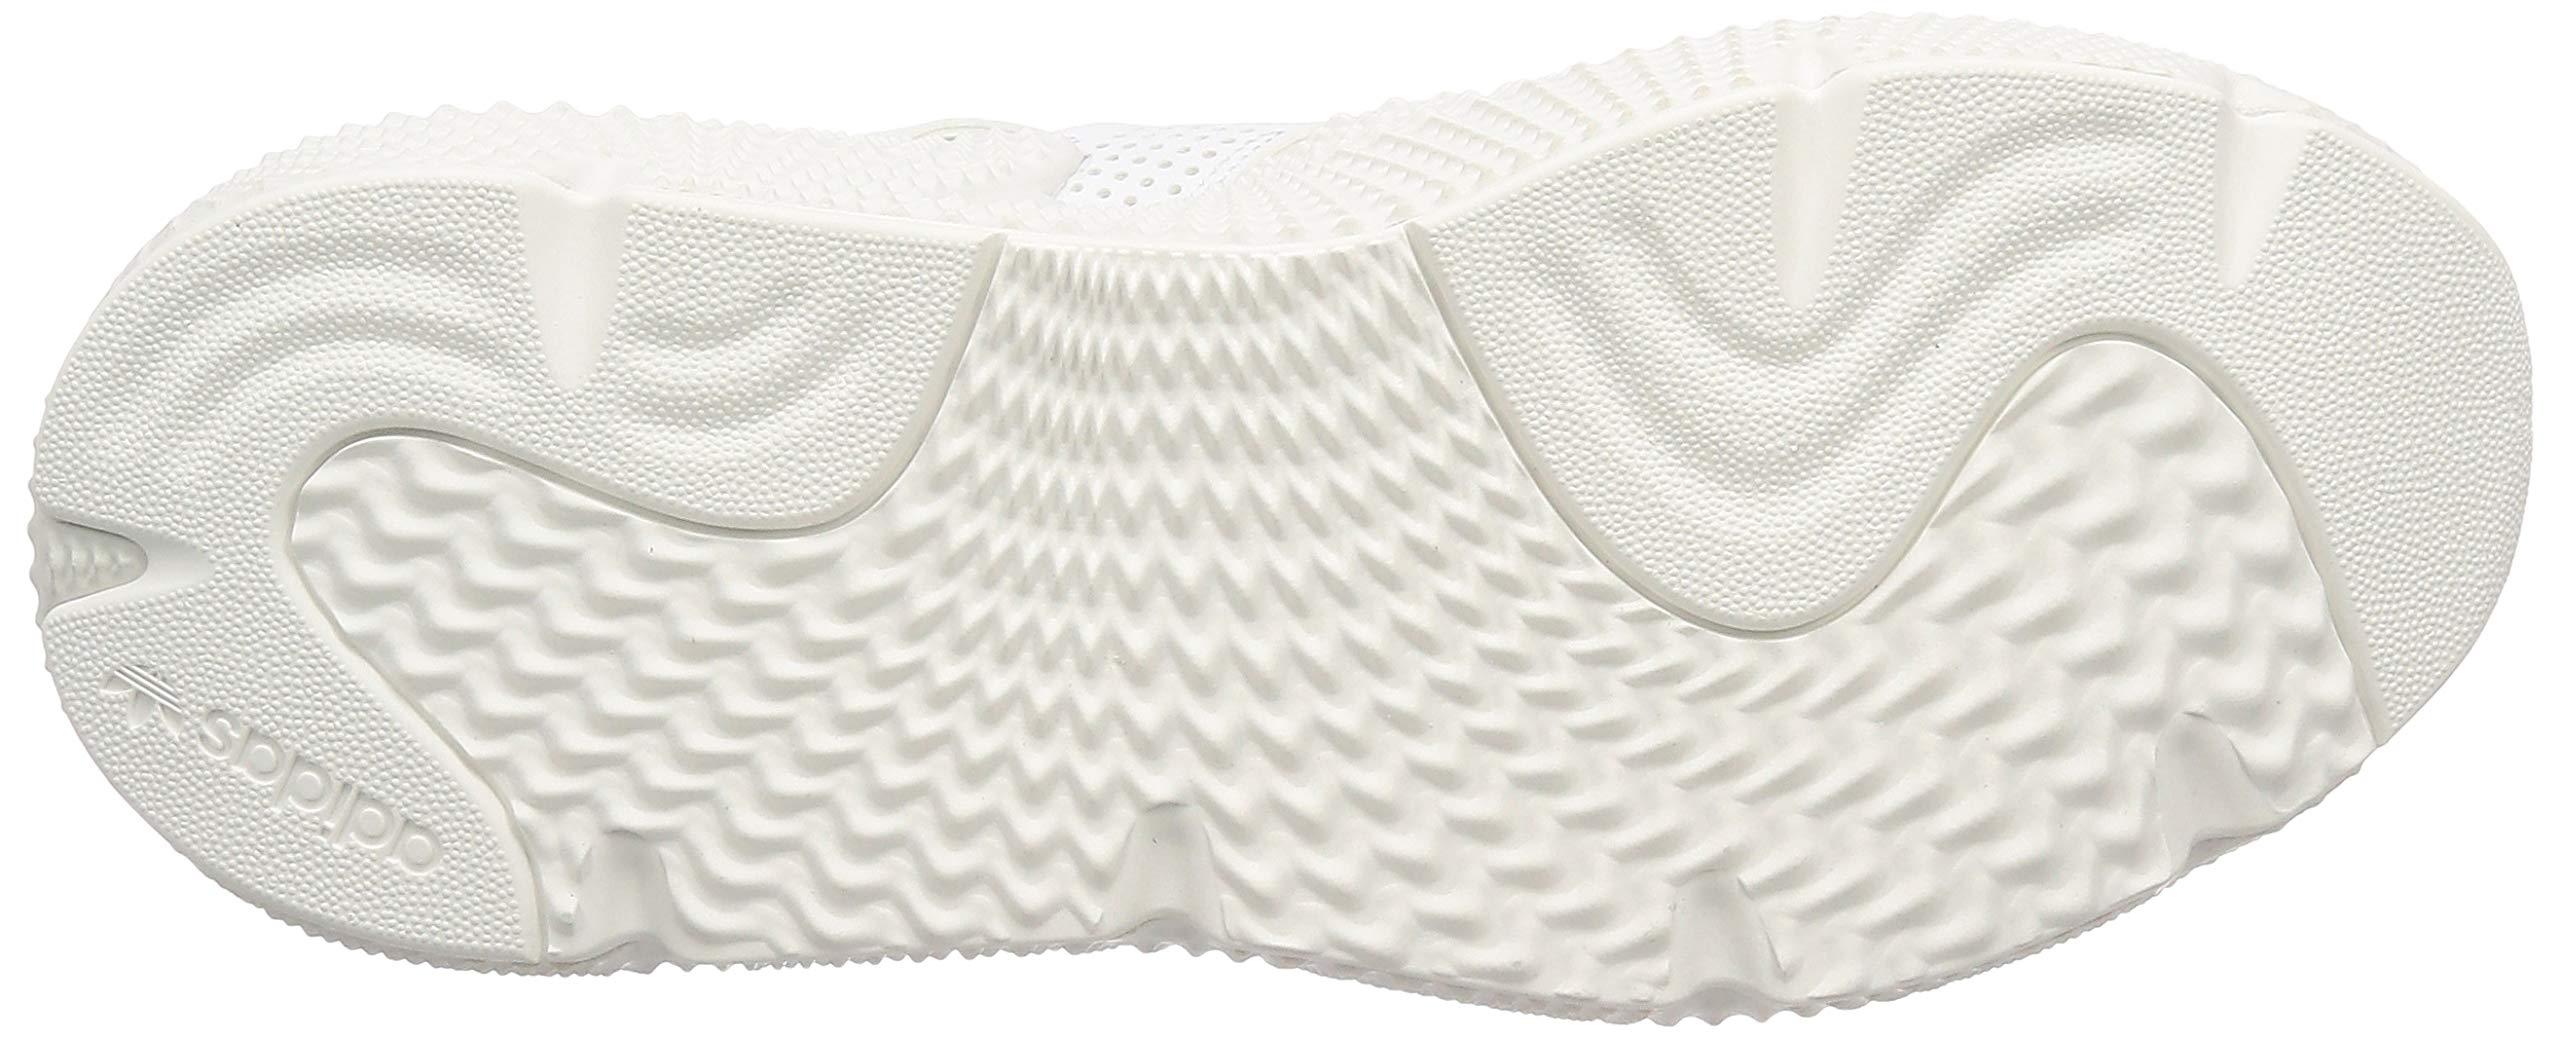 adidas Prophere, Scarpe da Fitness Uomo 3 spesavip